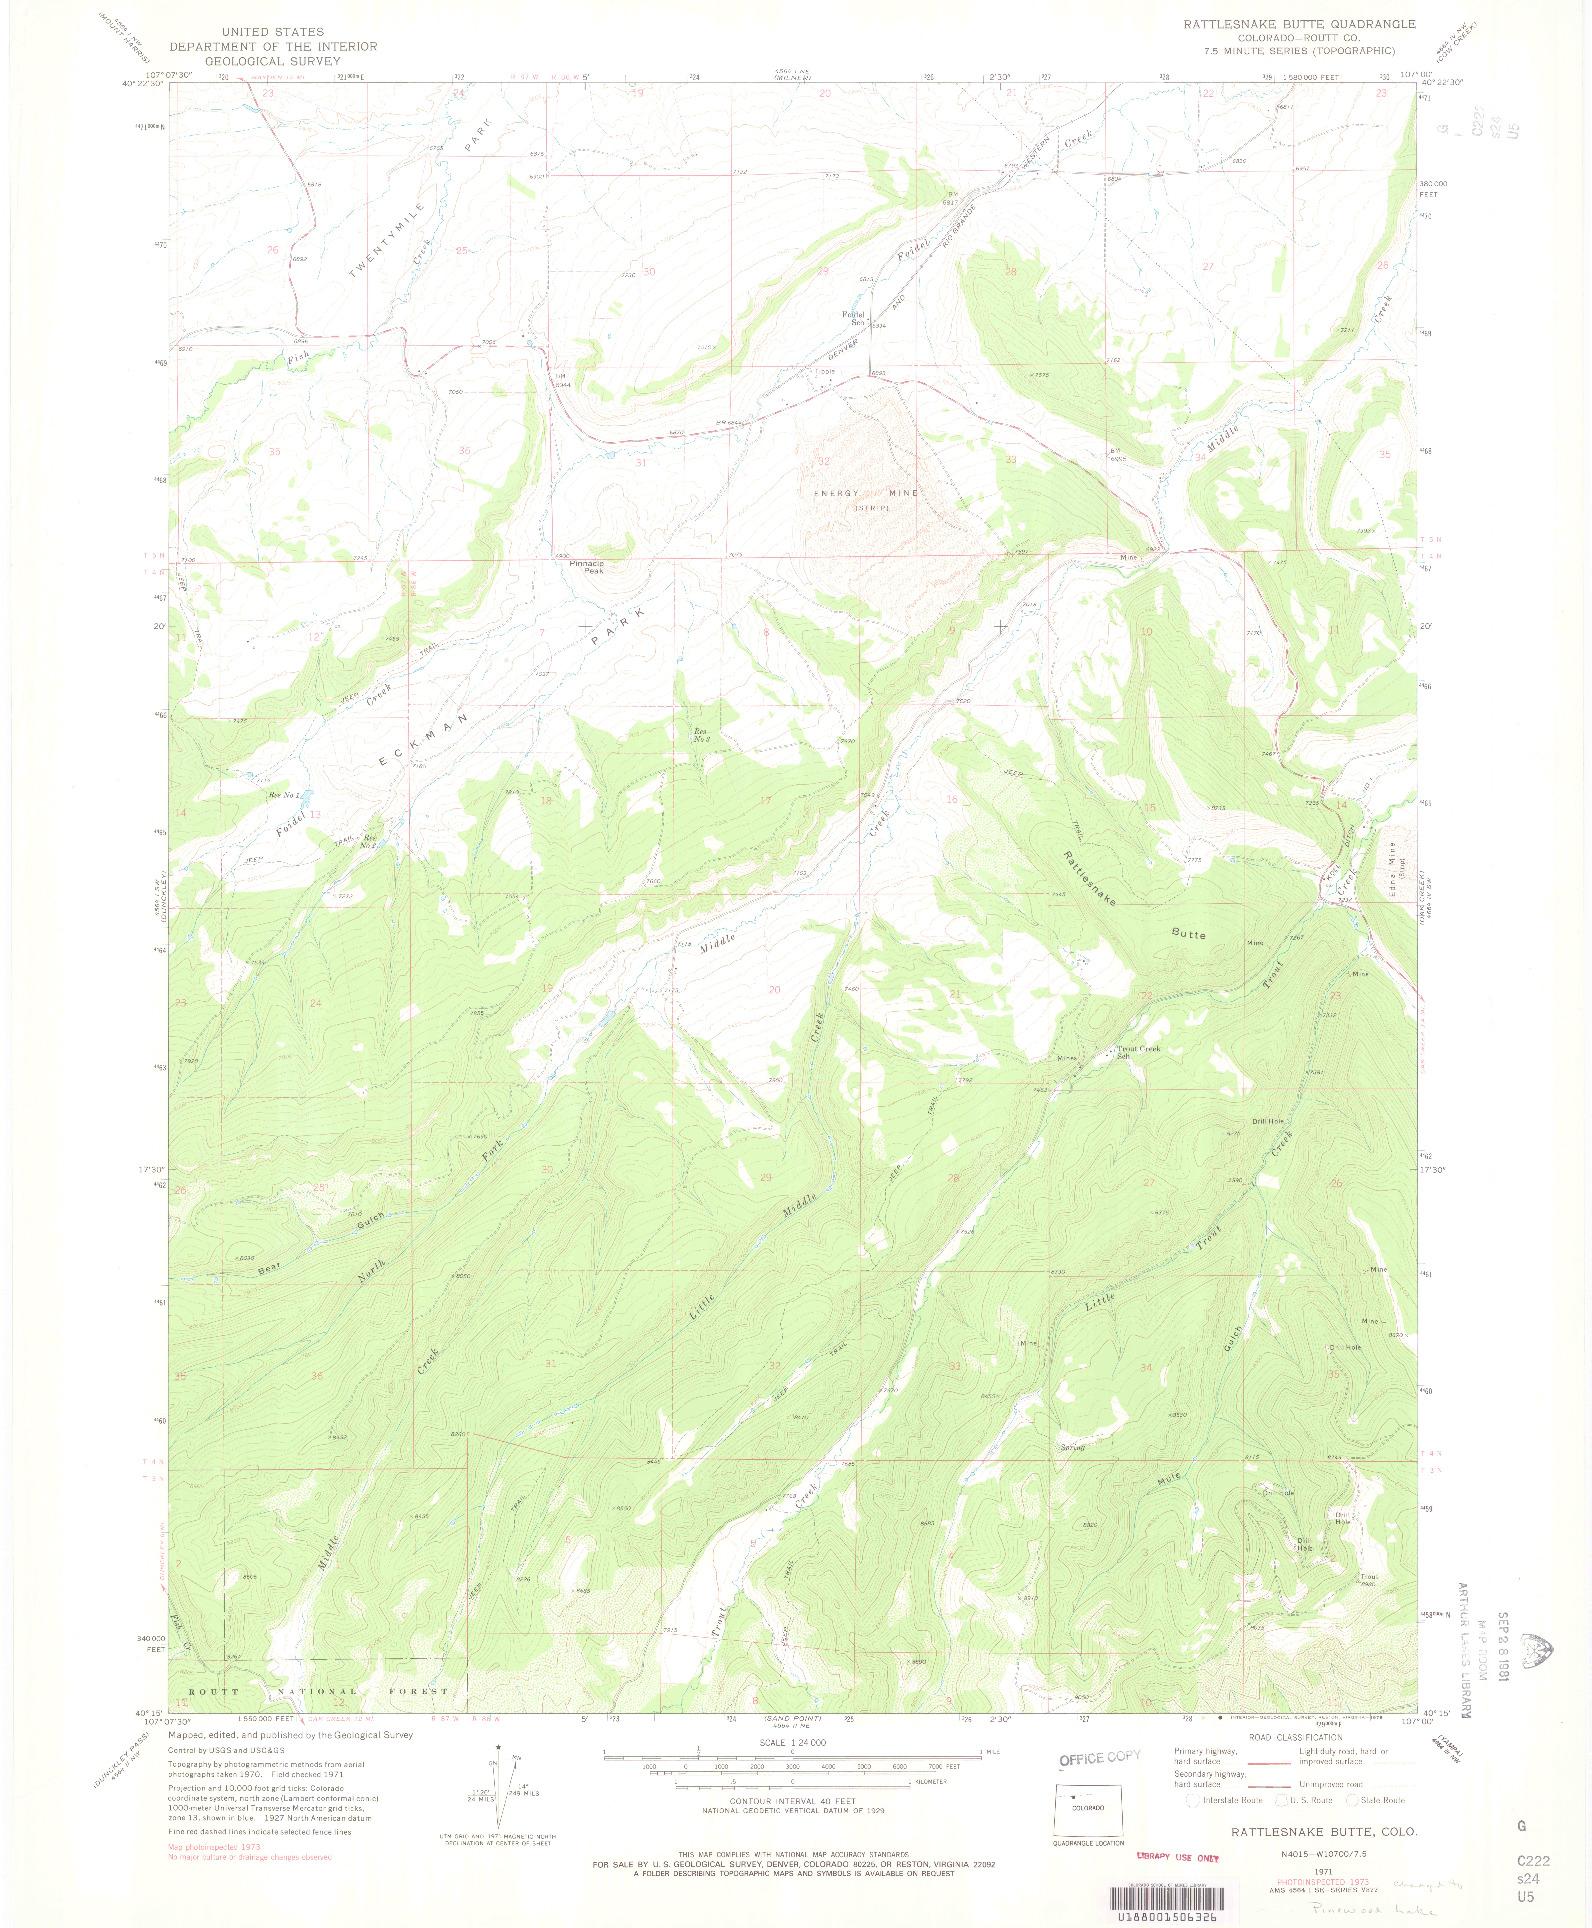 USGS 1:24000-SCALE QUADRANGLE FOR RATTLESNAKE BUTTE, CO 1971